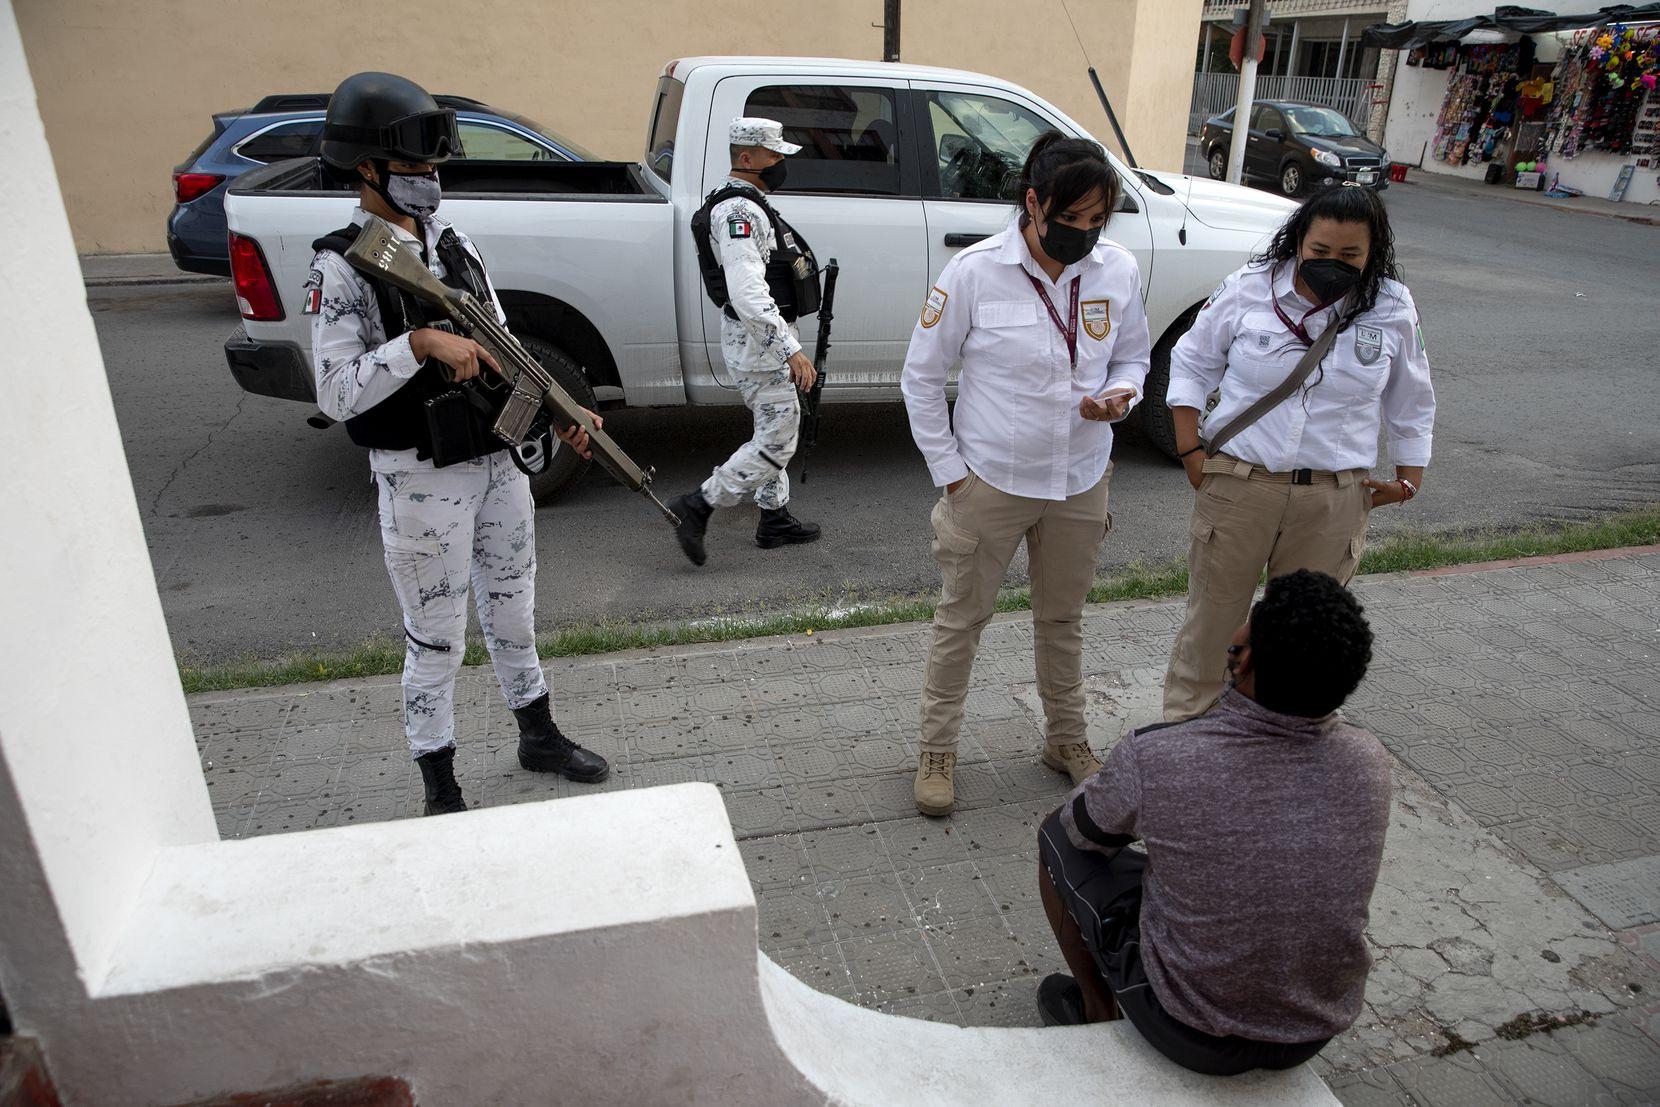 Funcionarios mexicanos de inmigración y la Guardia Nacional Mexicana conversan con migrantes en el Hotel Santa Rosa en Piedras Negras, México, el miércoles 28 de abril de 2021 (Jessica Phelps / San Antonio Express-News).